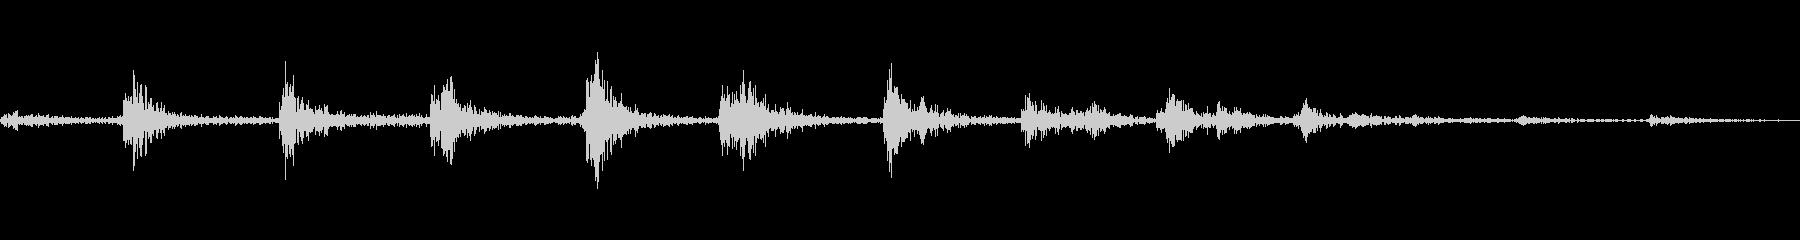 ヘビーメタルパイプ:シェークアンド...の未再生の波形